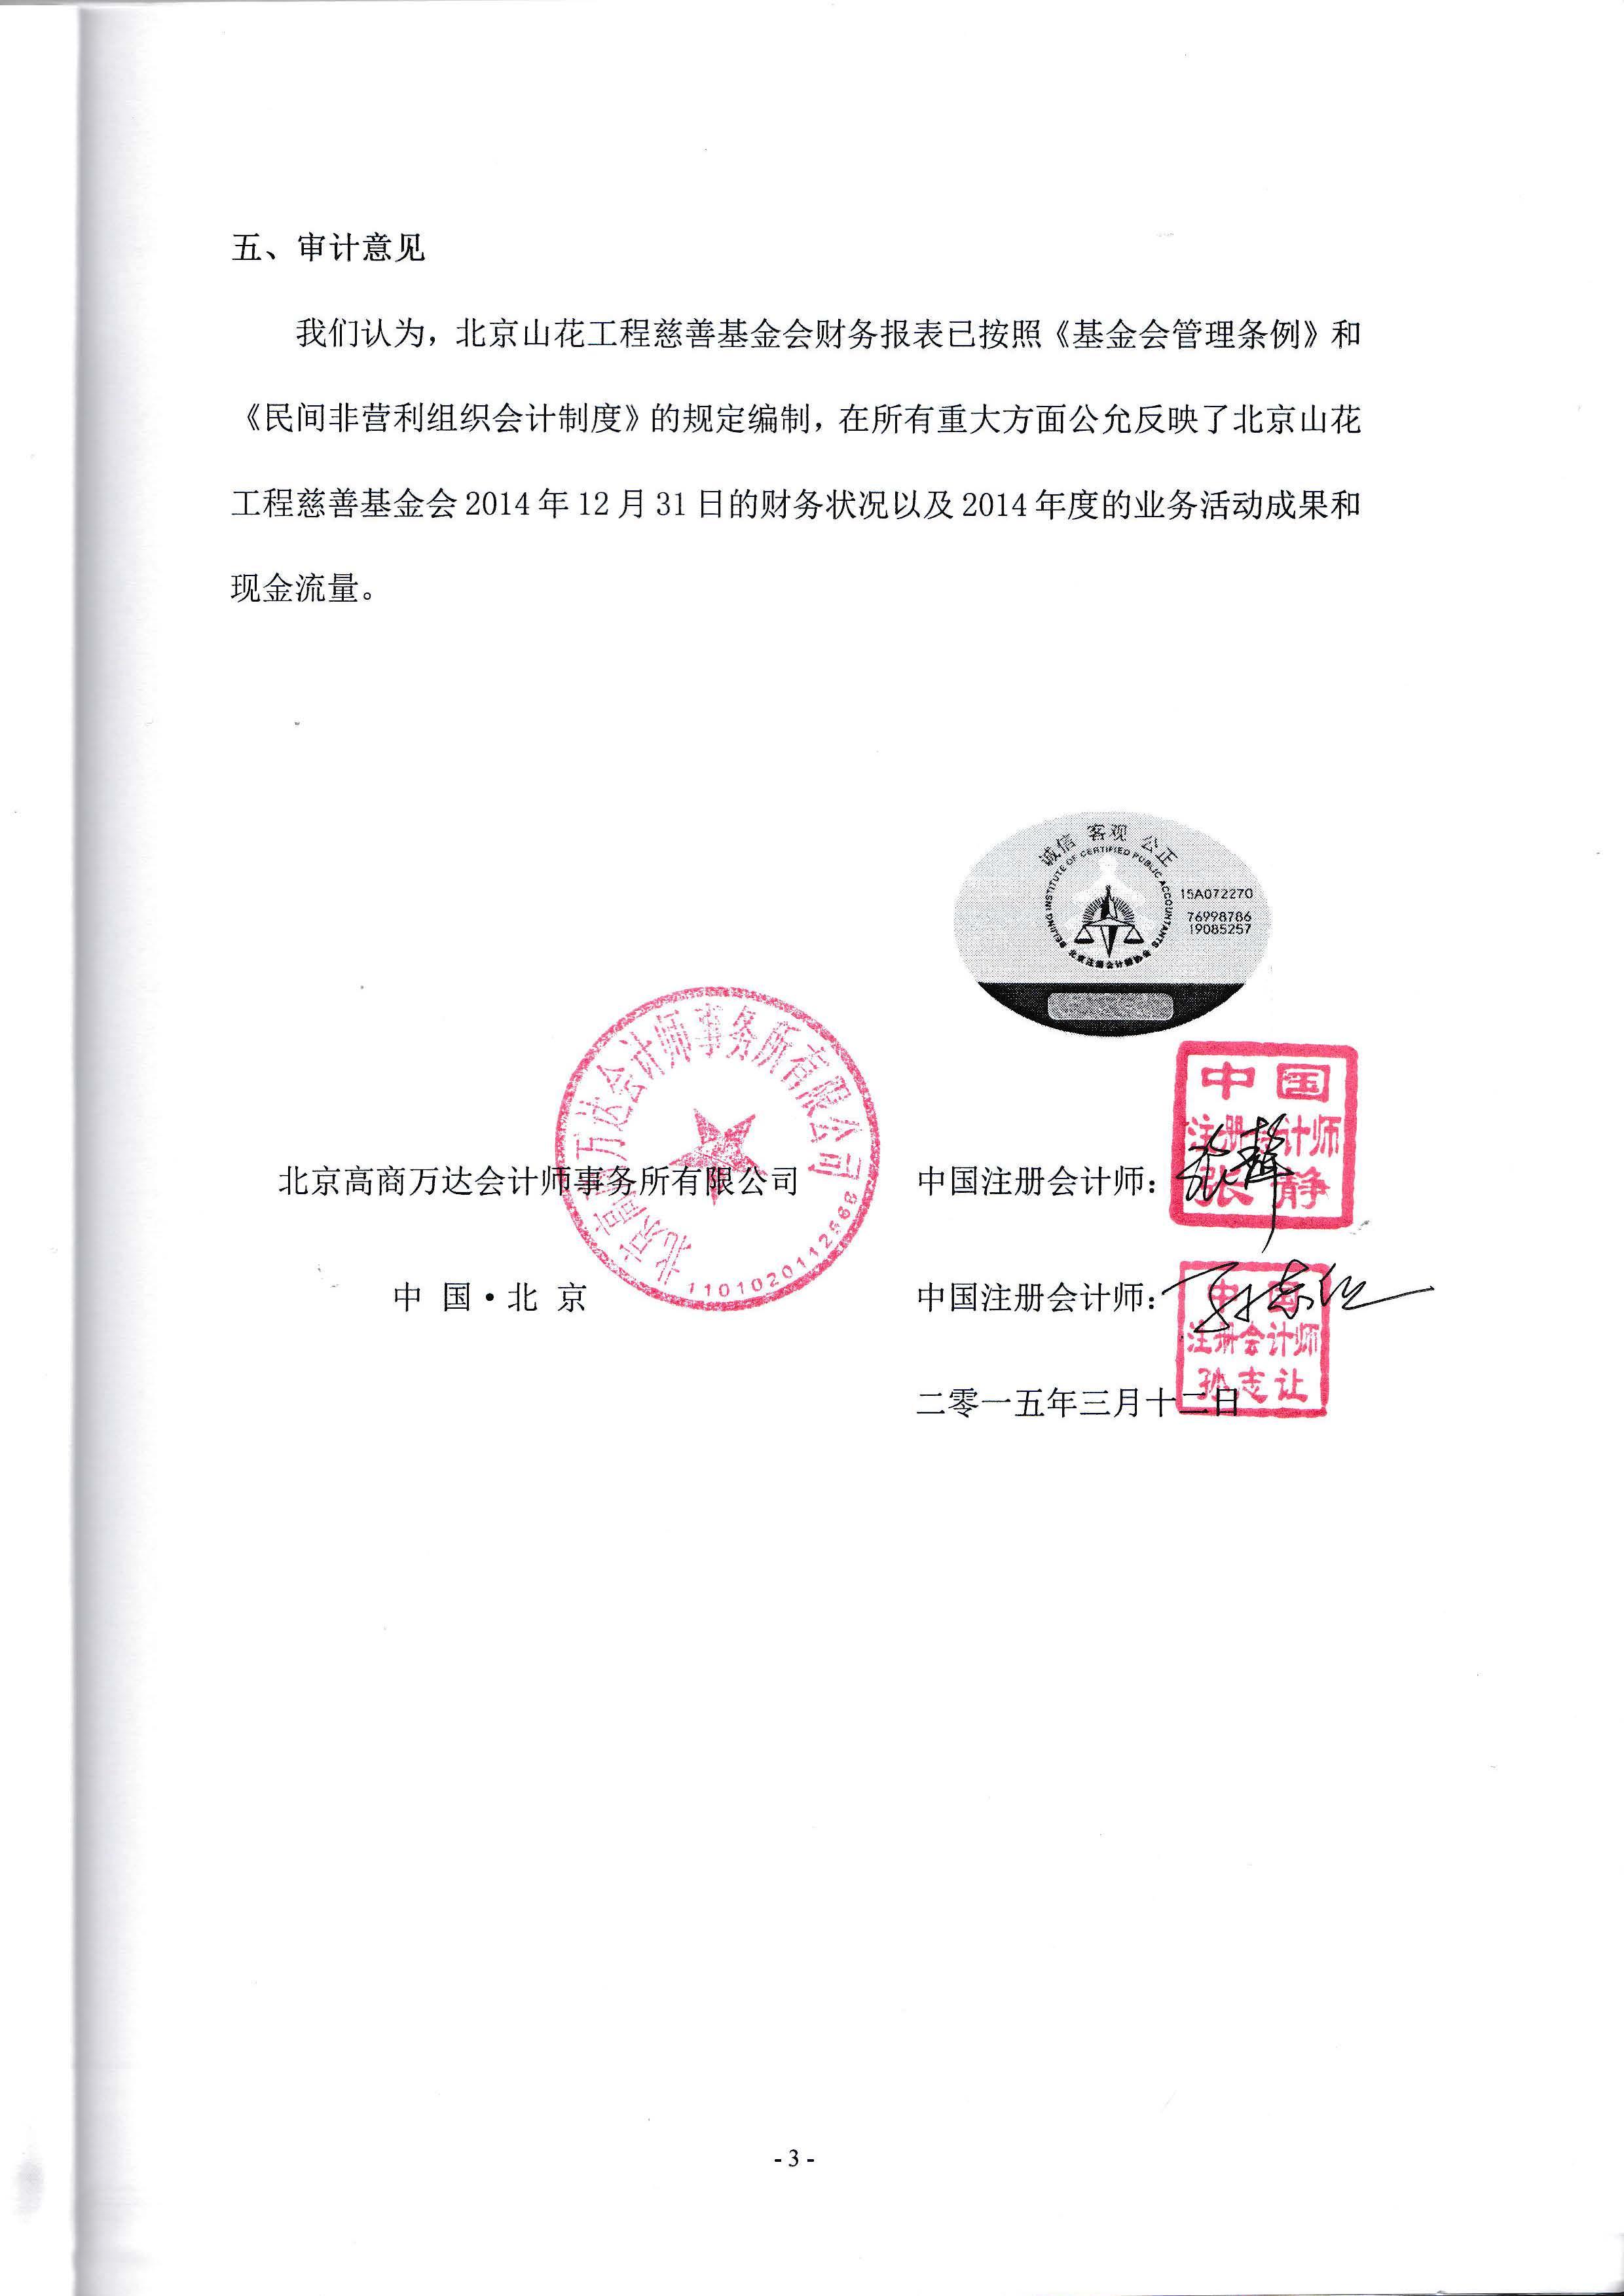 2014年审计报告_页面_05